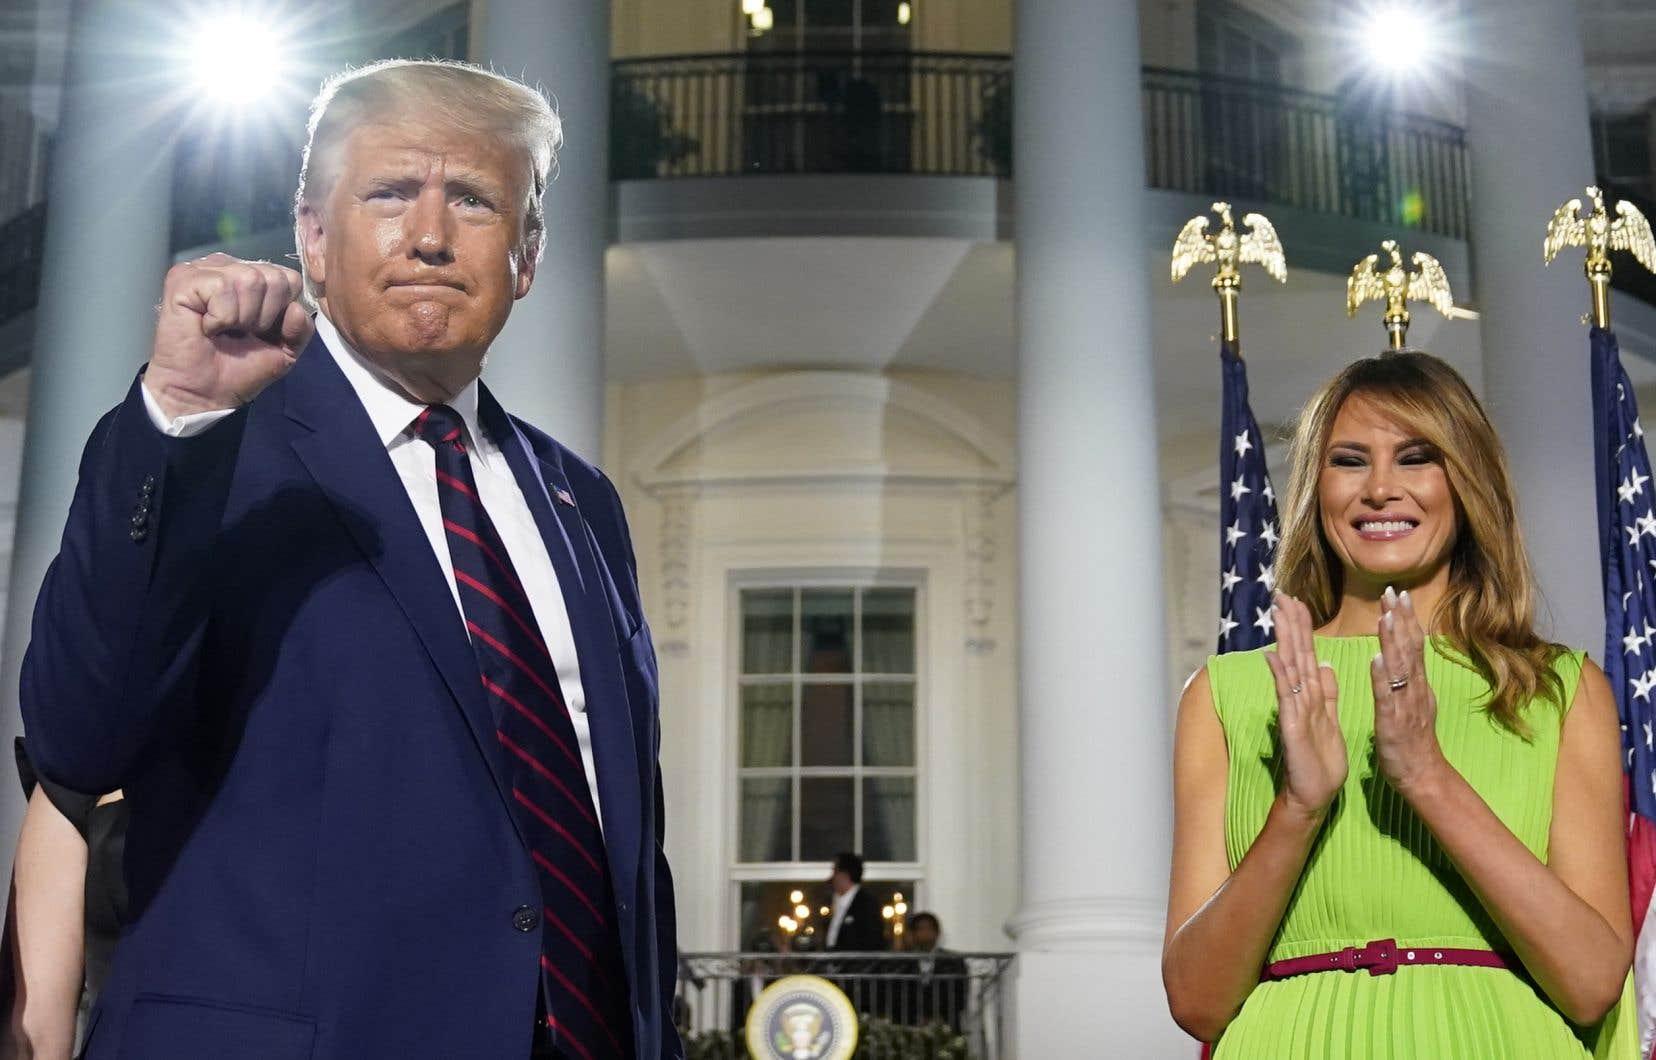 Le président Donald Trump, accompagné de sa femme, Melania, sur la scène aménagée devant la Maison-Blanche